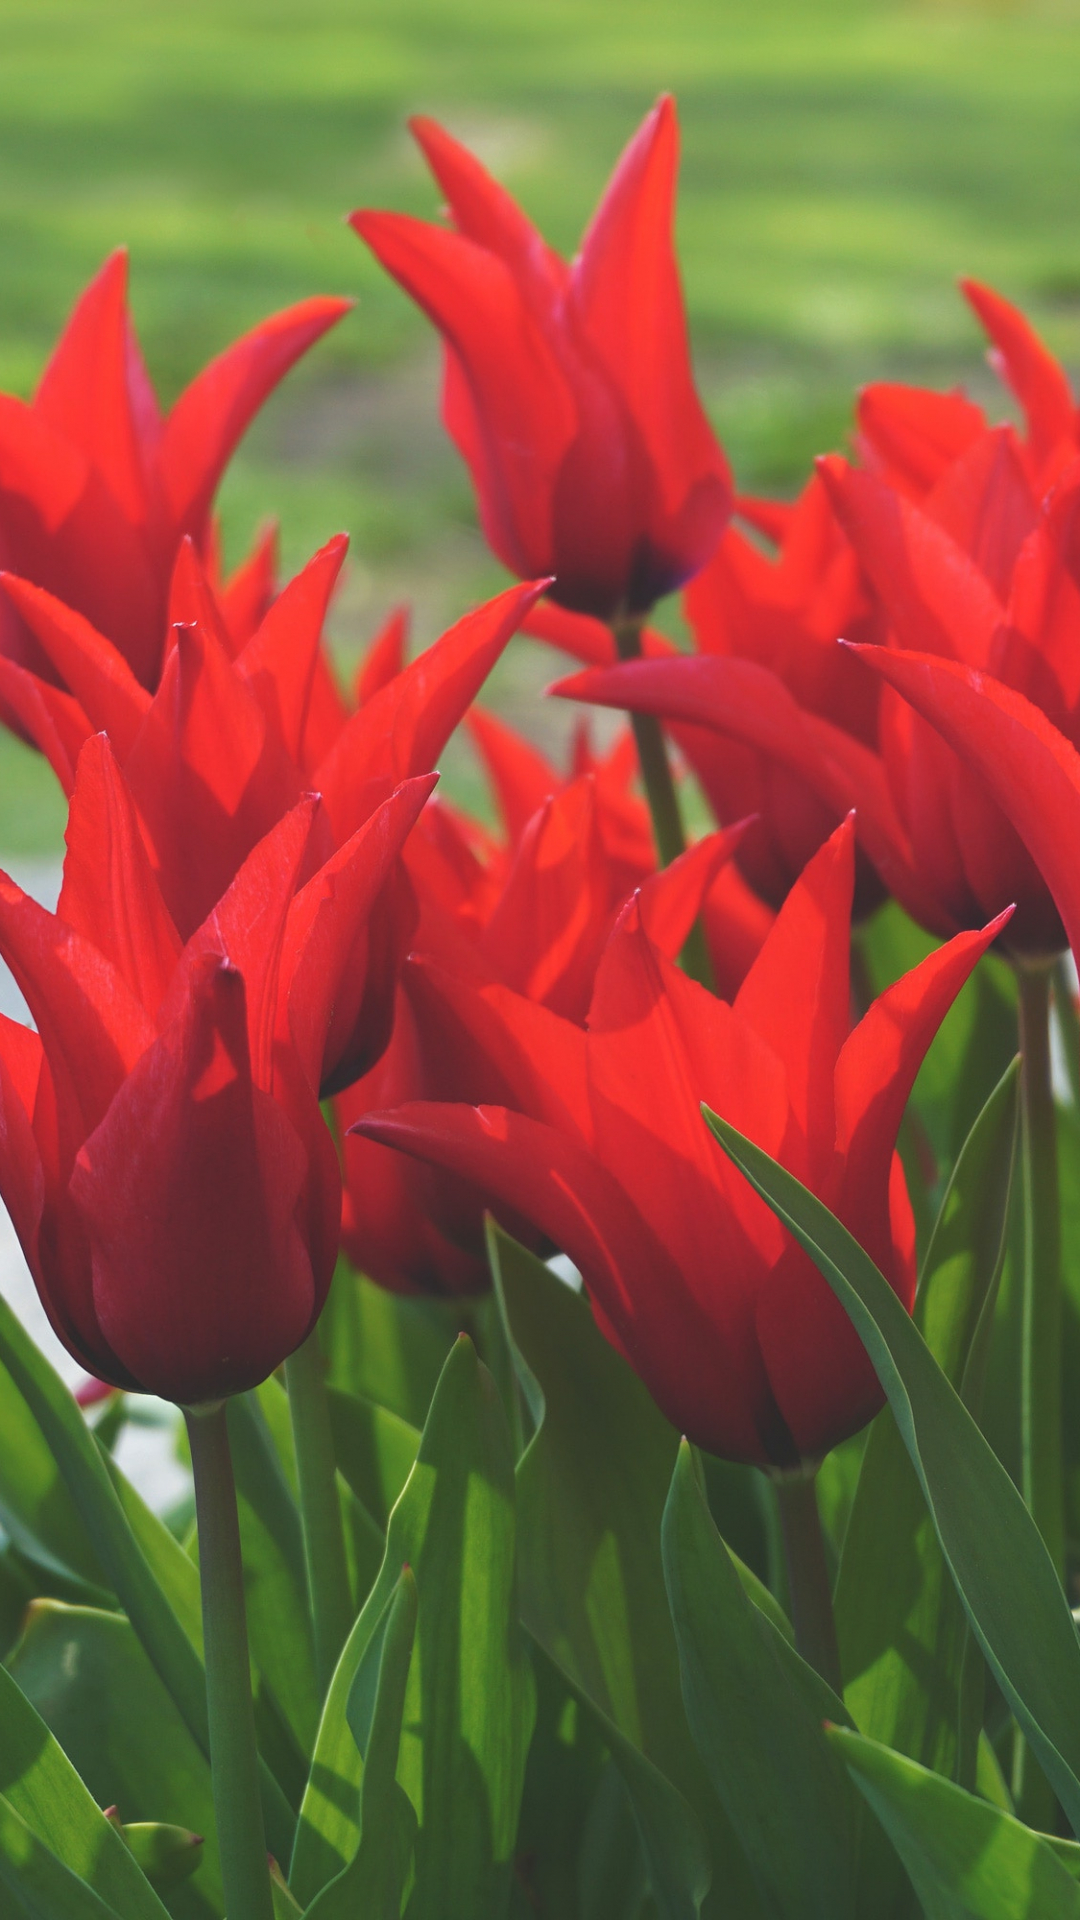 Tulips In Bloom iPhone Wallpaper